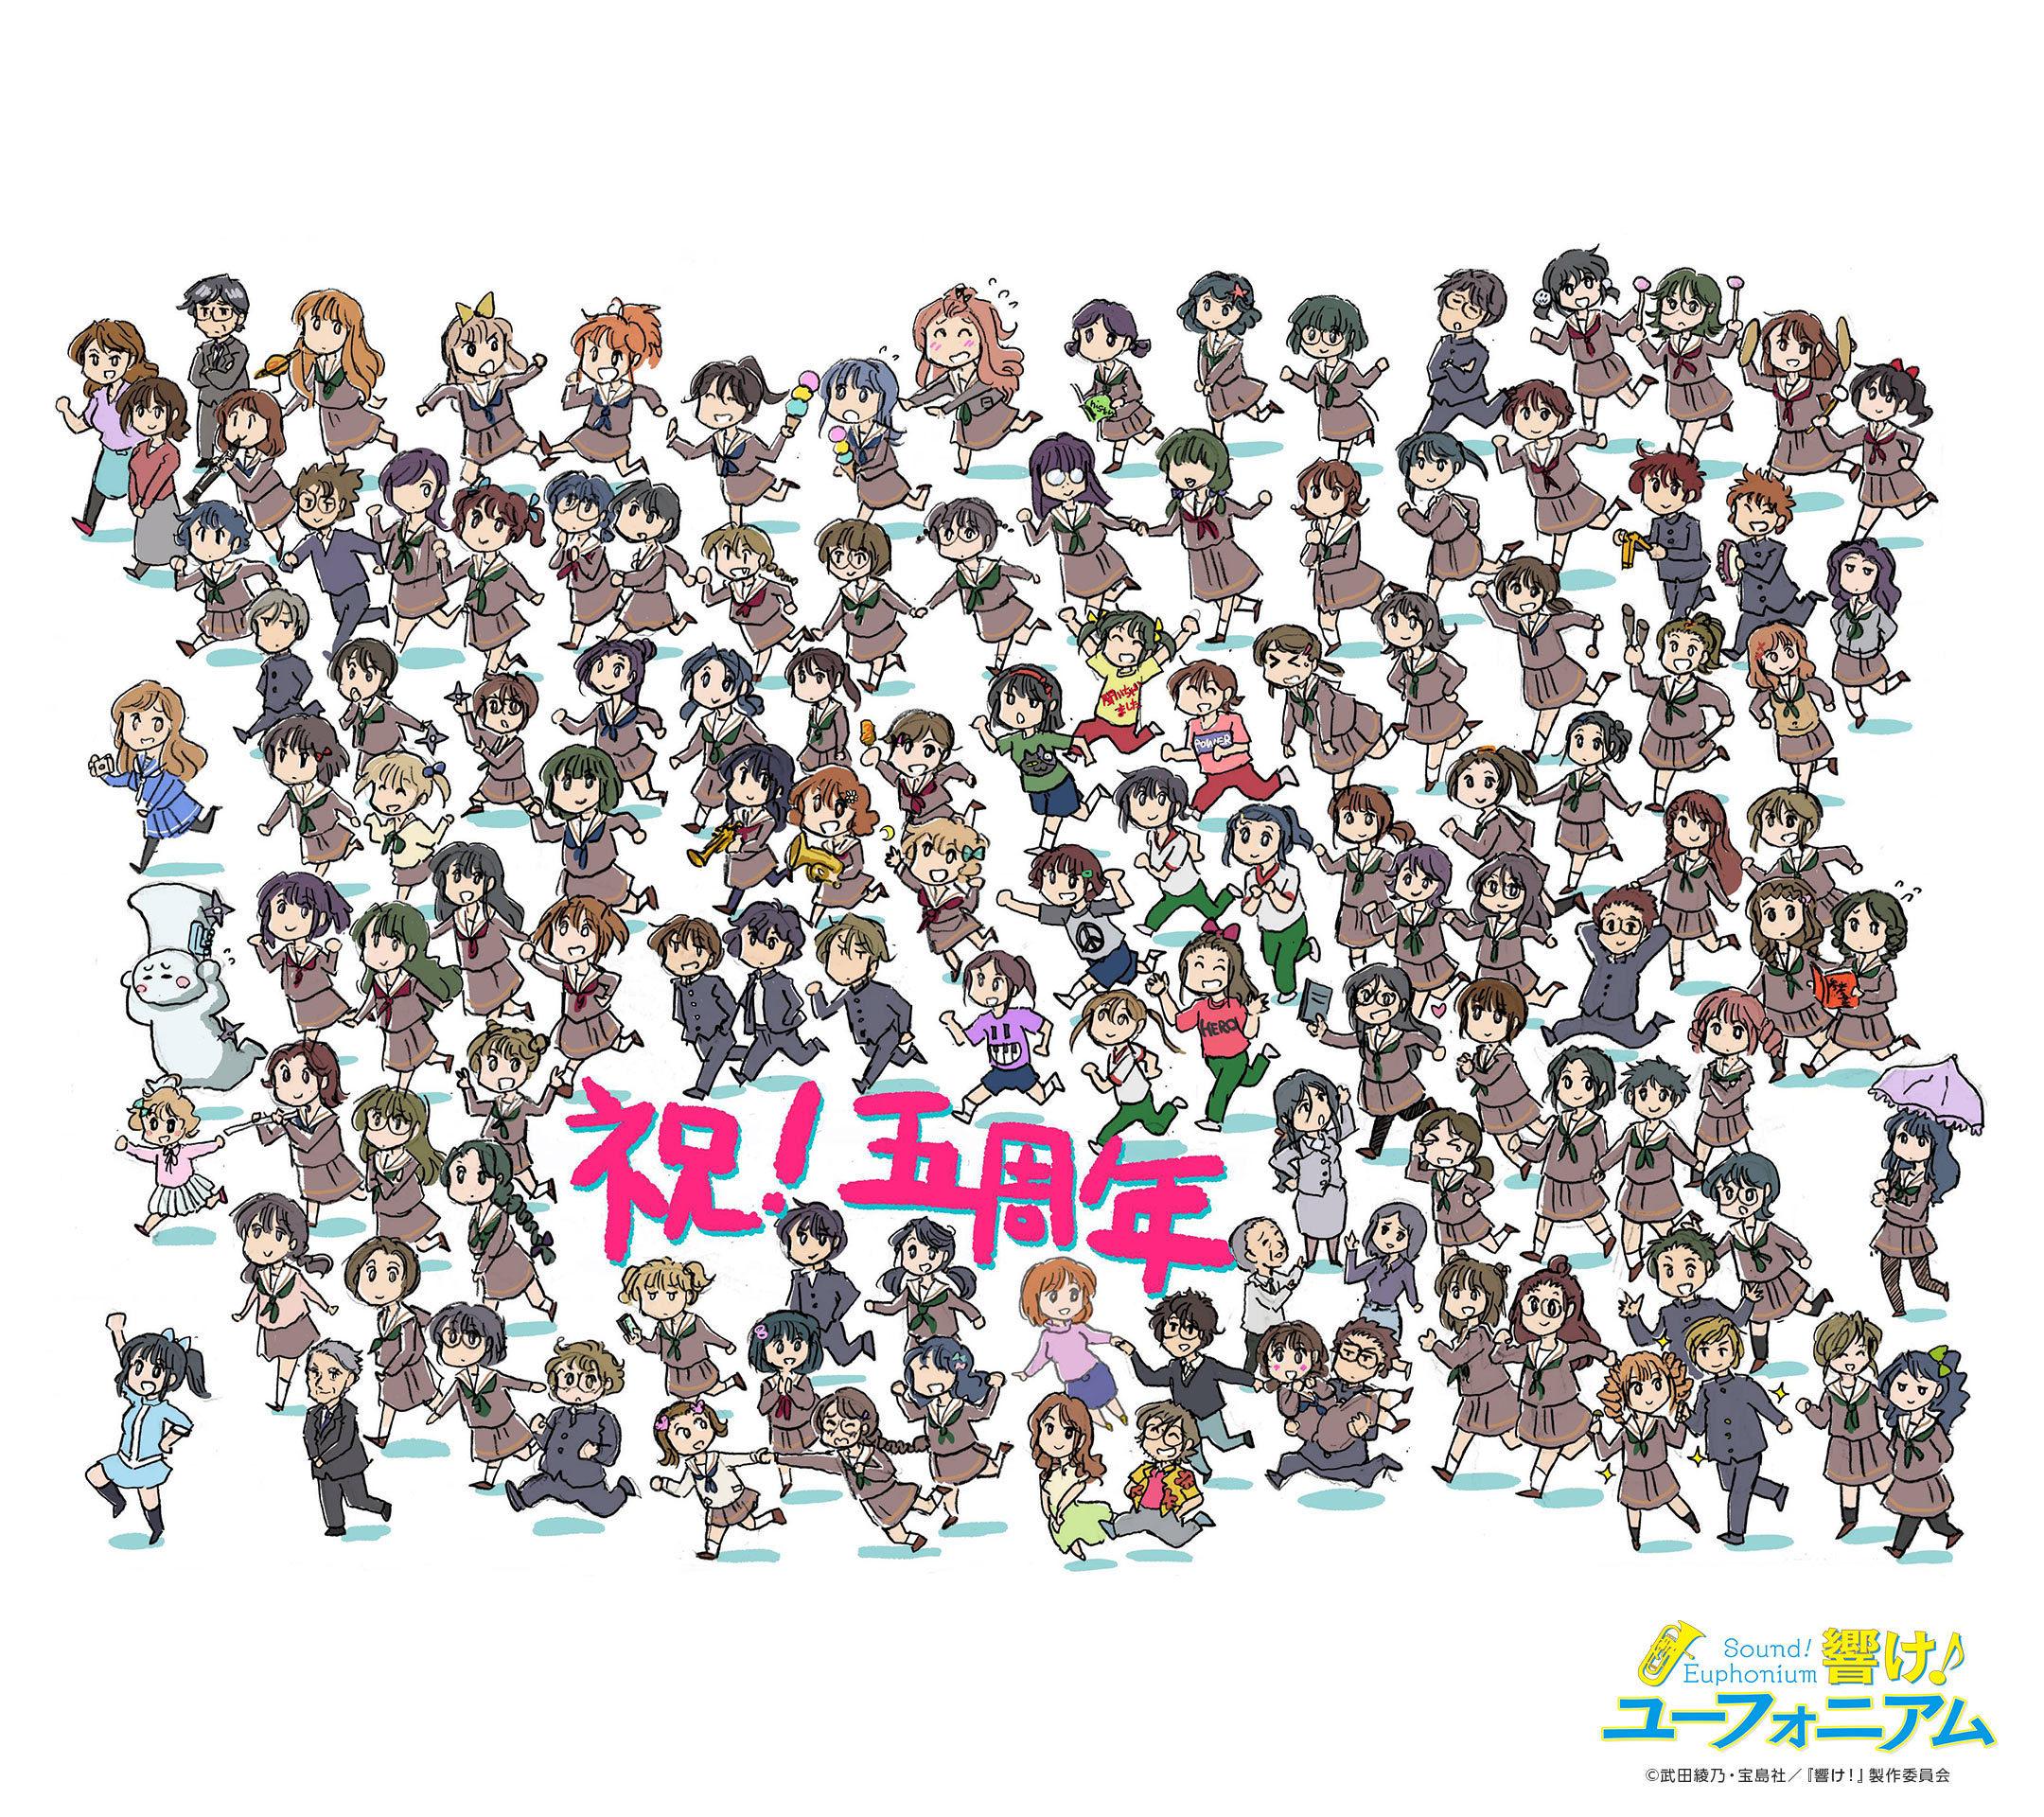 【P站美图】京吹动画五周年啦!《吹响吧!上低音号》壁纸特辑- ACG17.COM